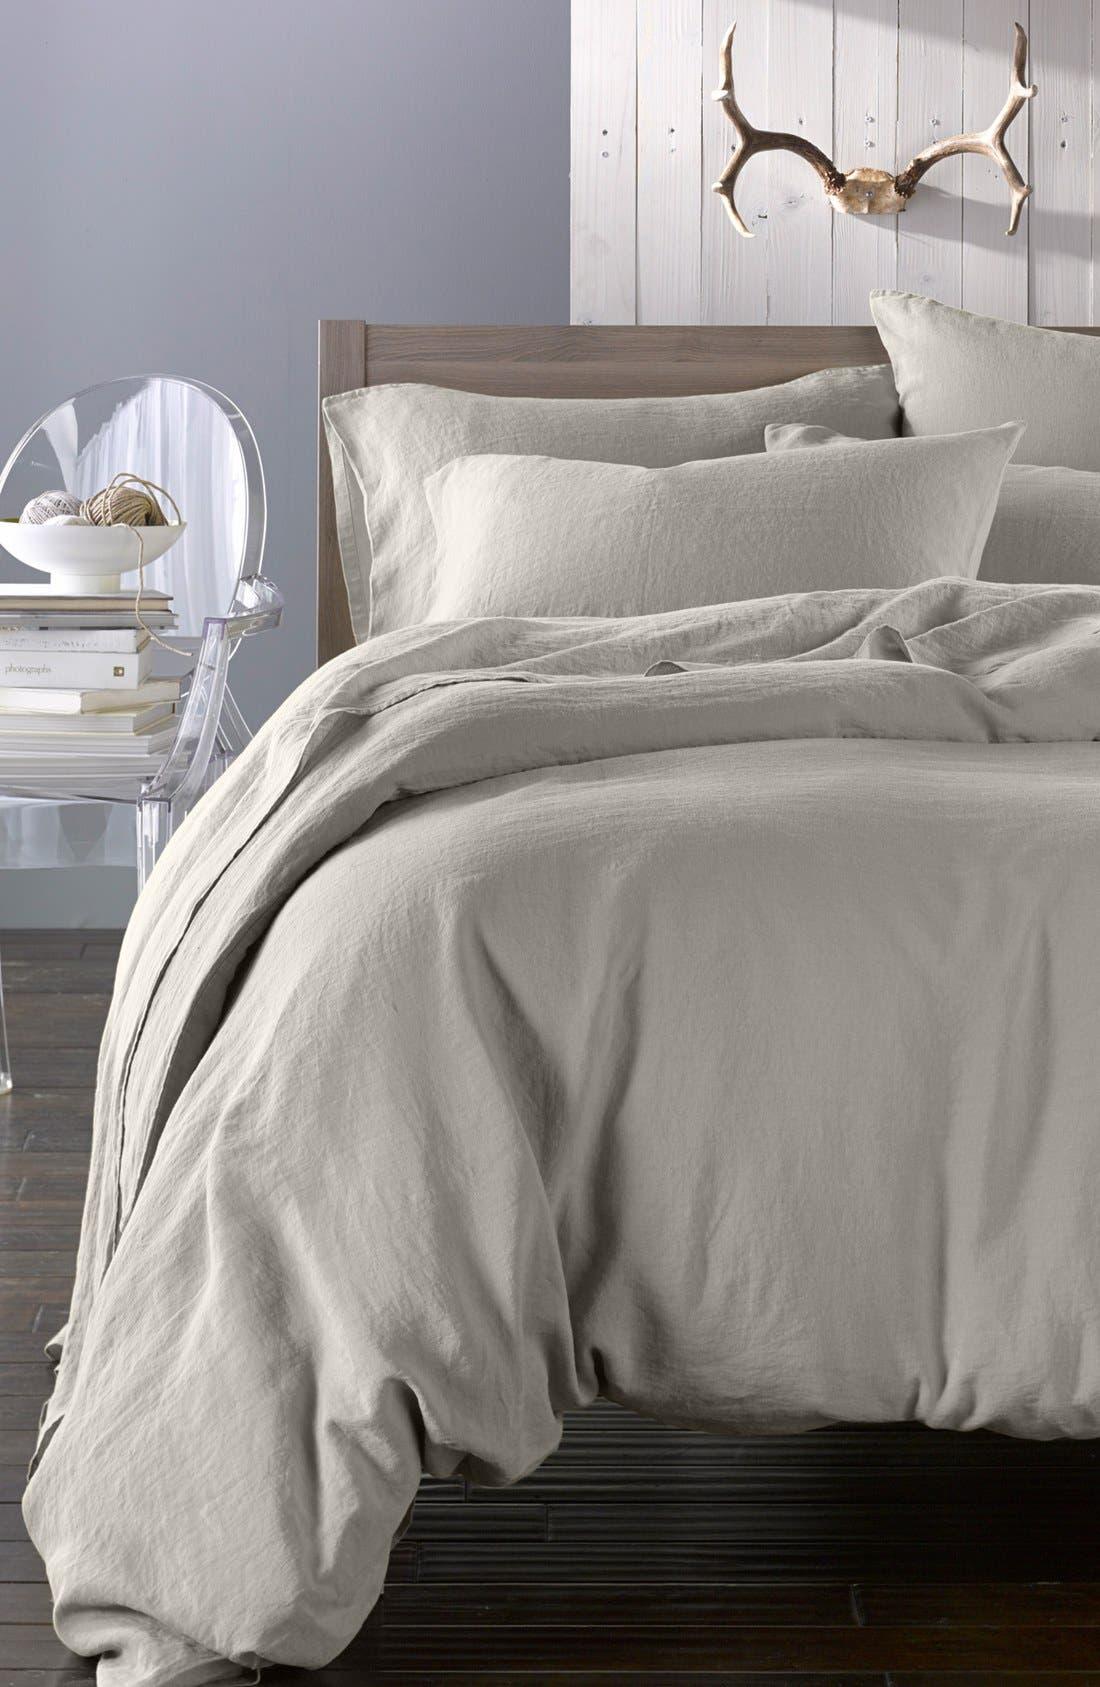 Main Image - Merci Washed Linen Bedding Set